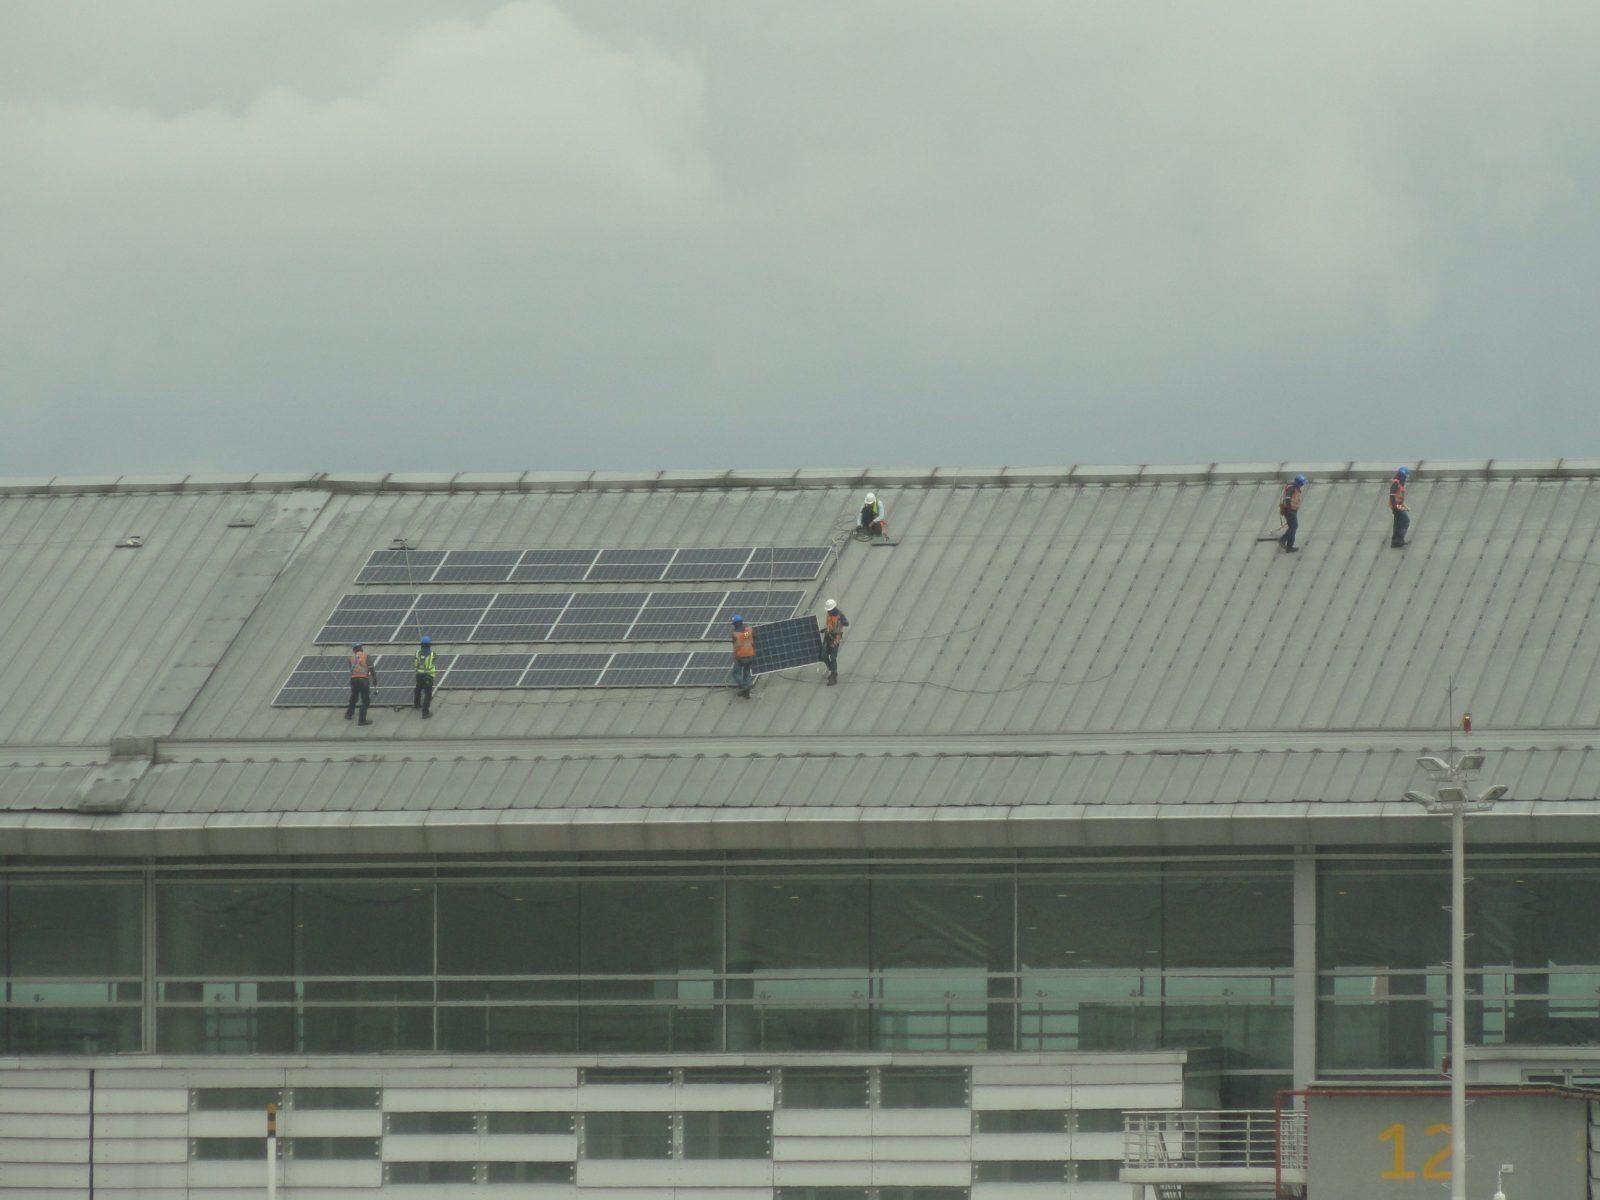 """Aeroporto """"El Dorado"""" de Bogotá, Colômbia energia sustentável 4"""